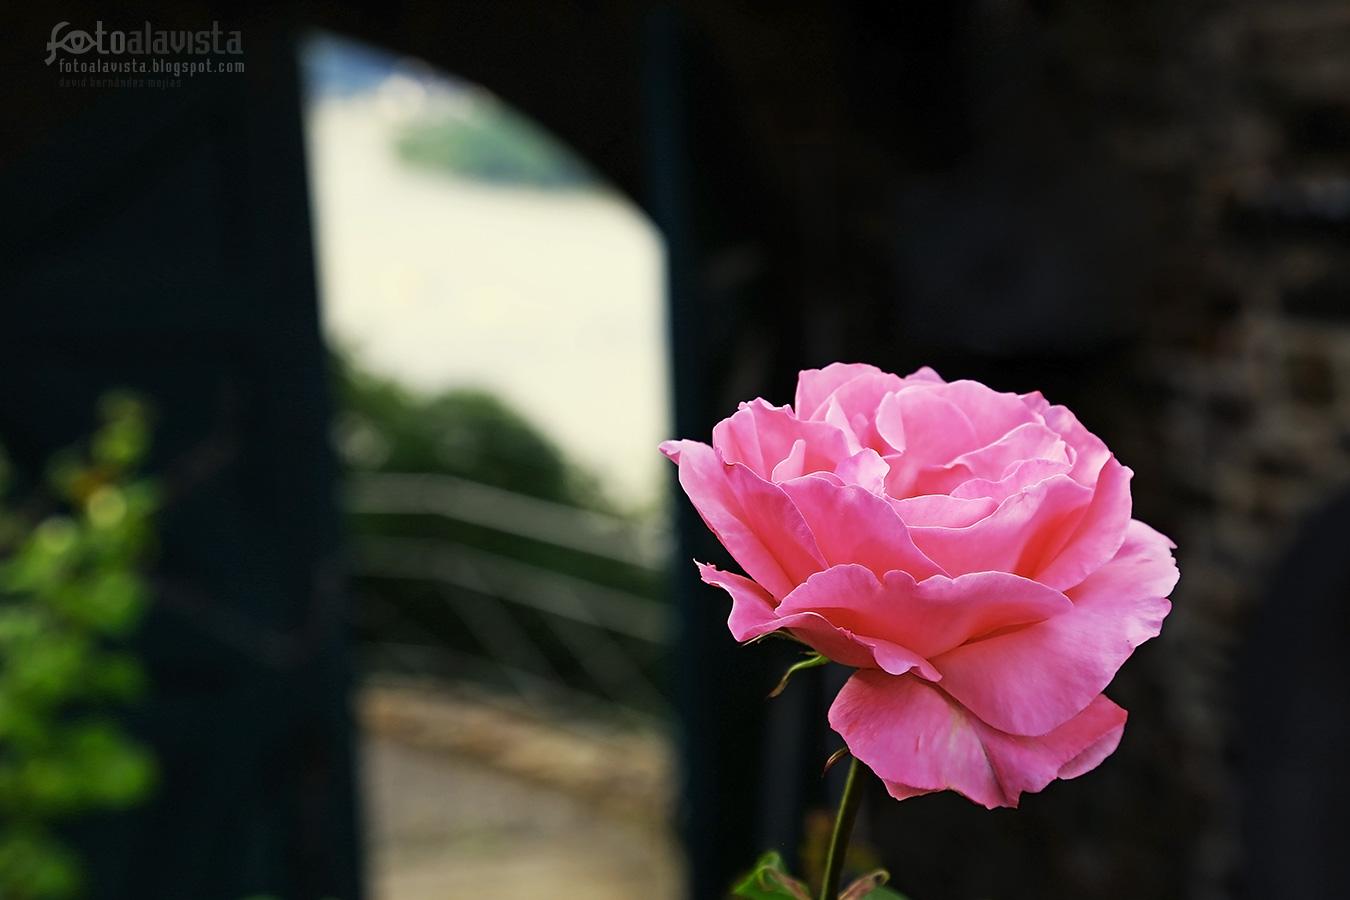 Rosa que mira por la ventana - Fotografía